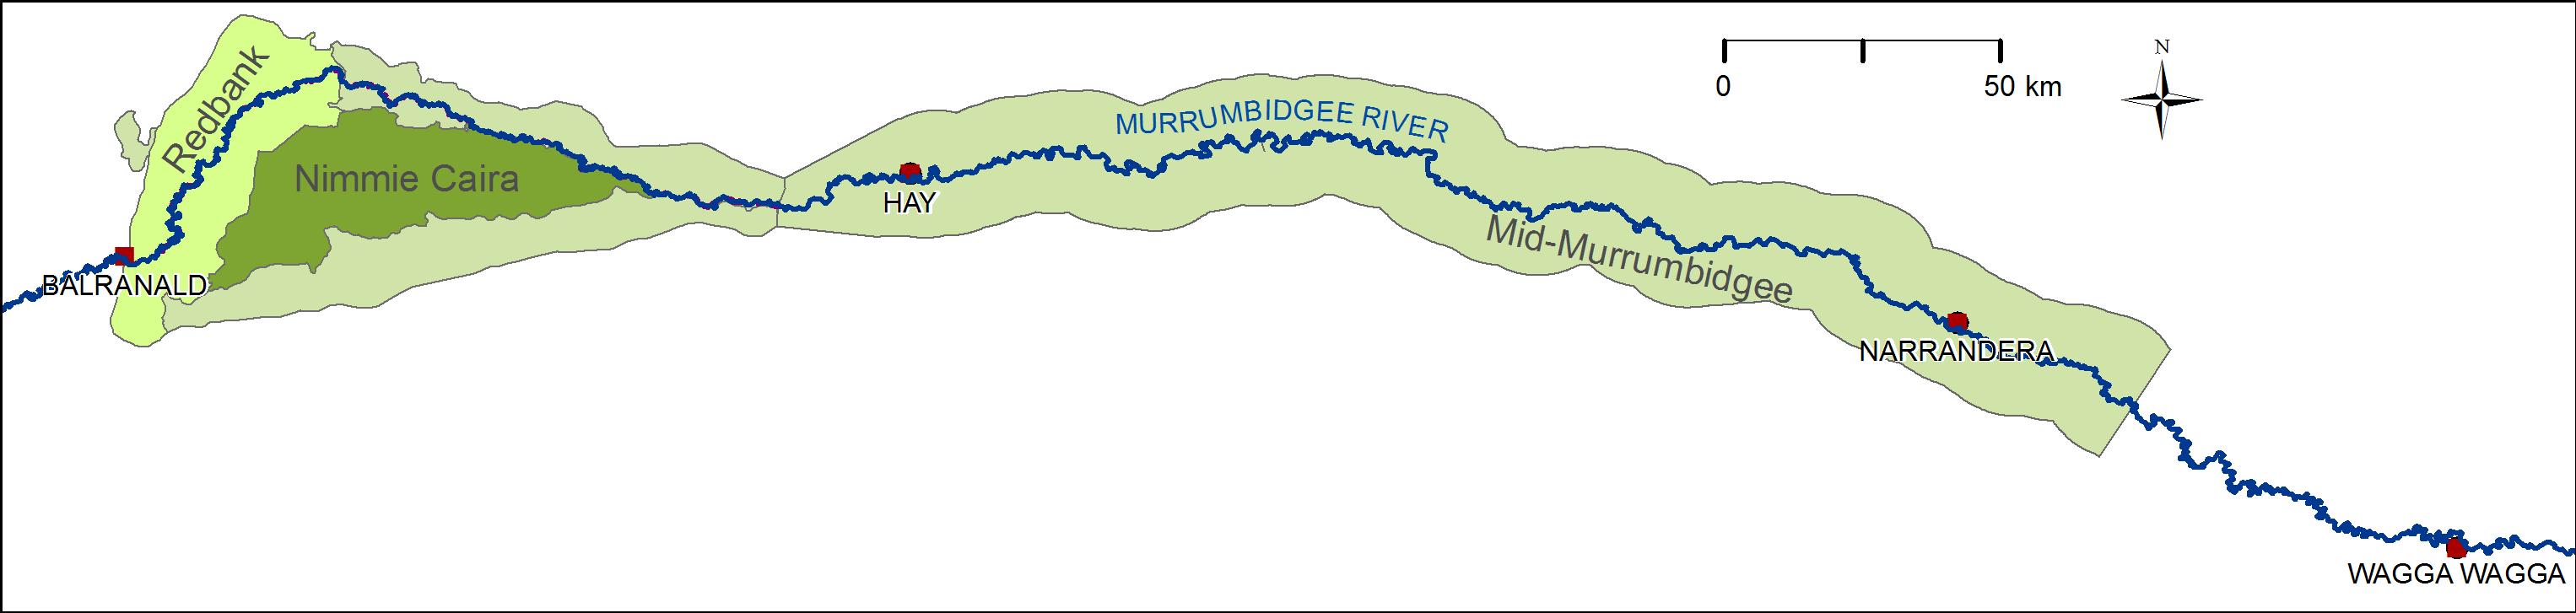 Map Murrumbidgee